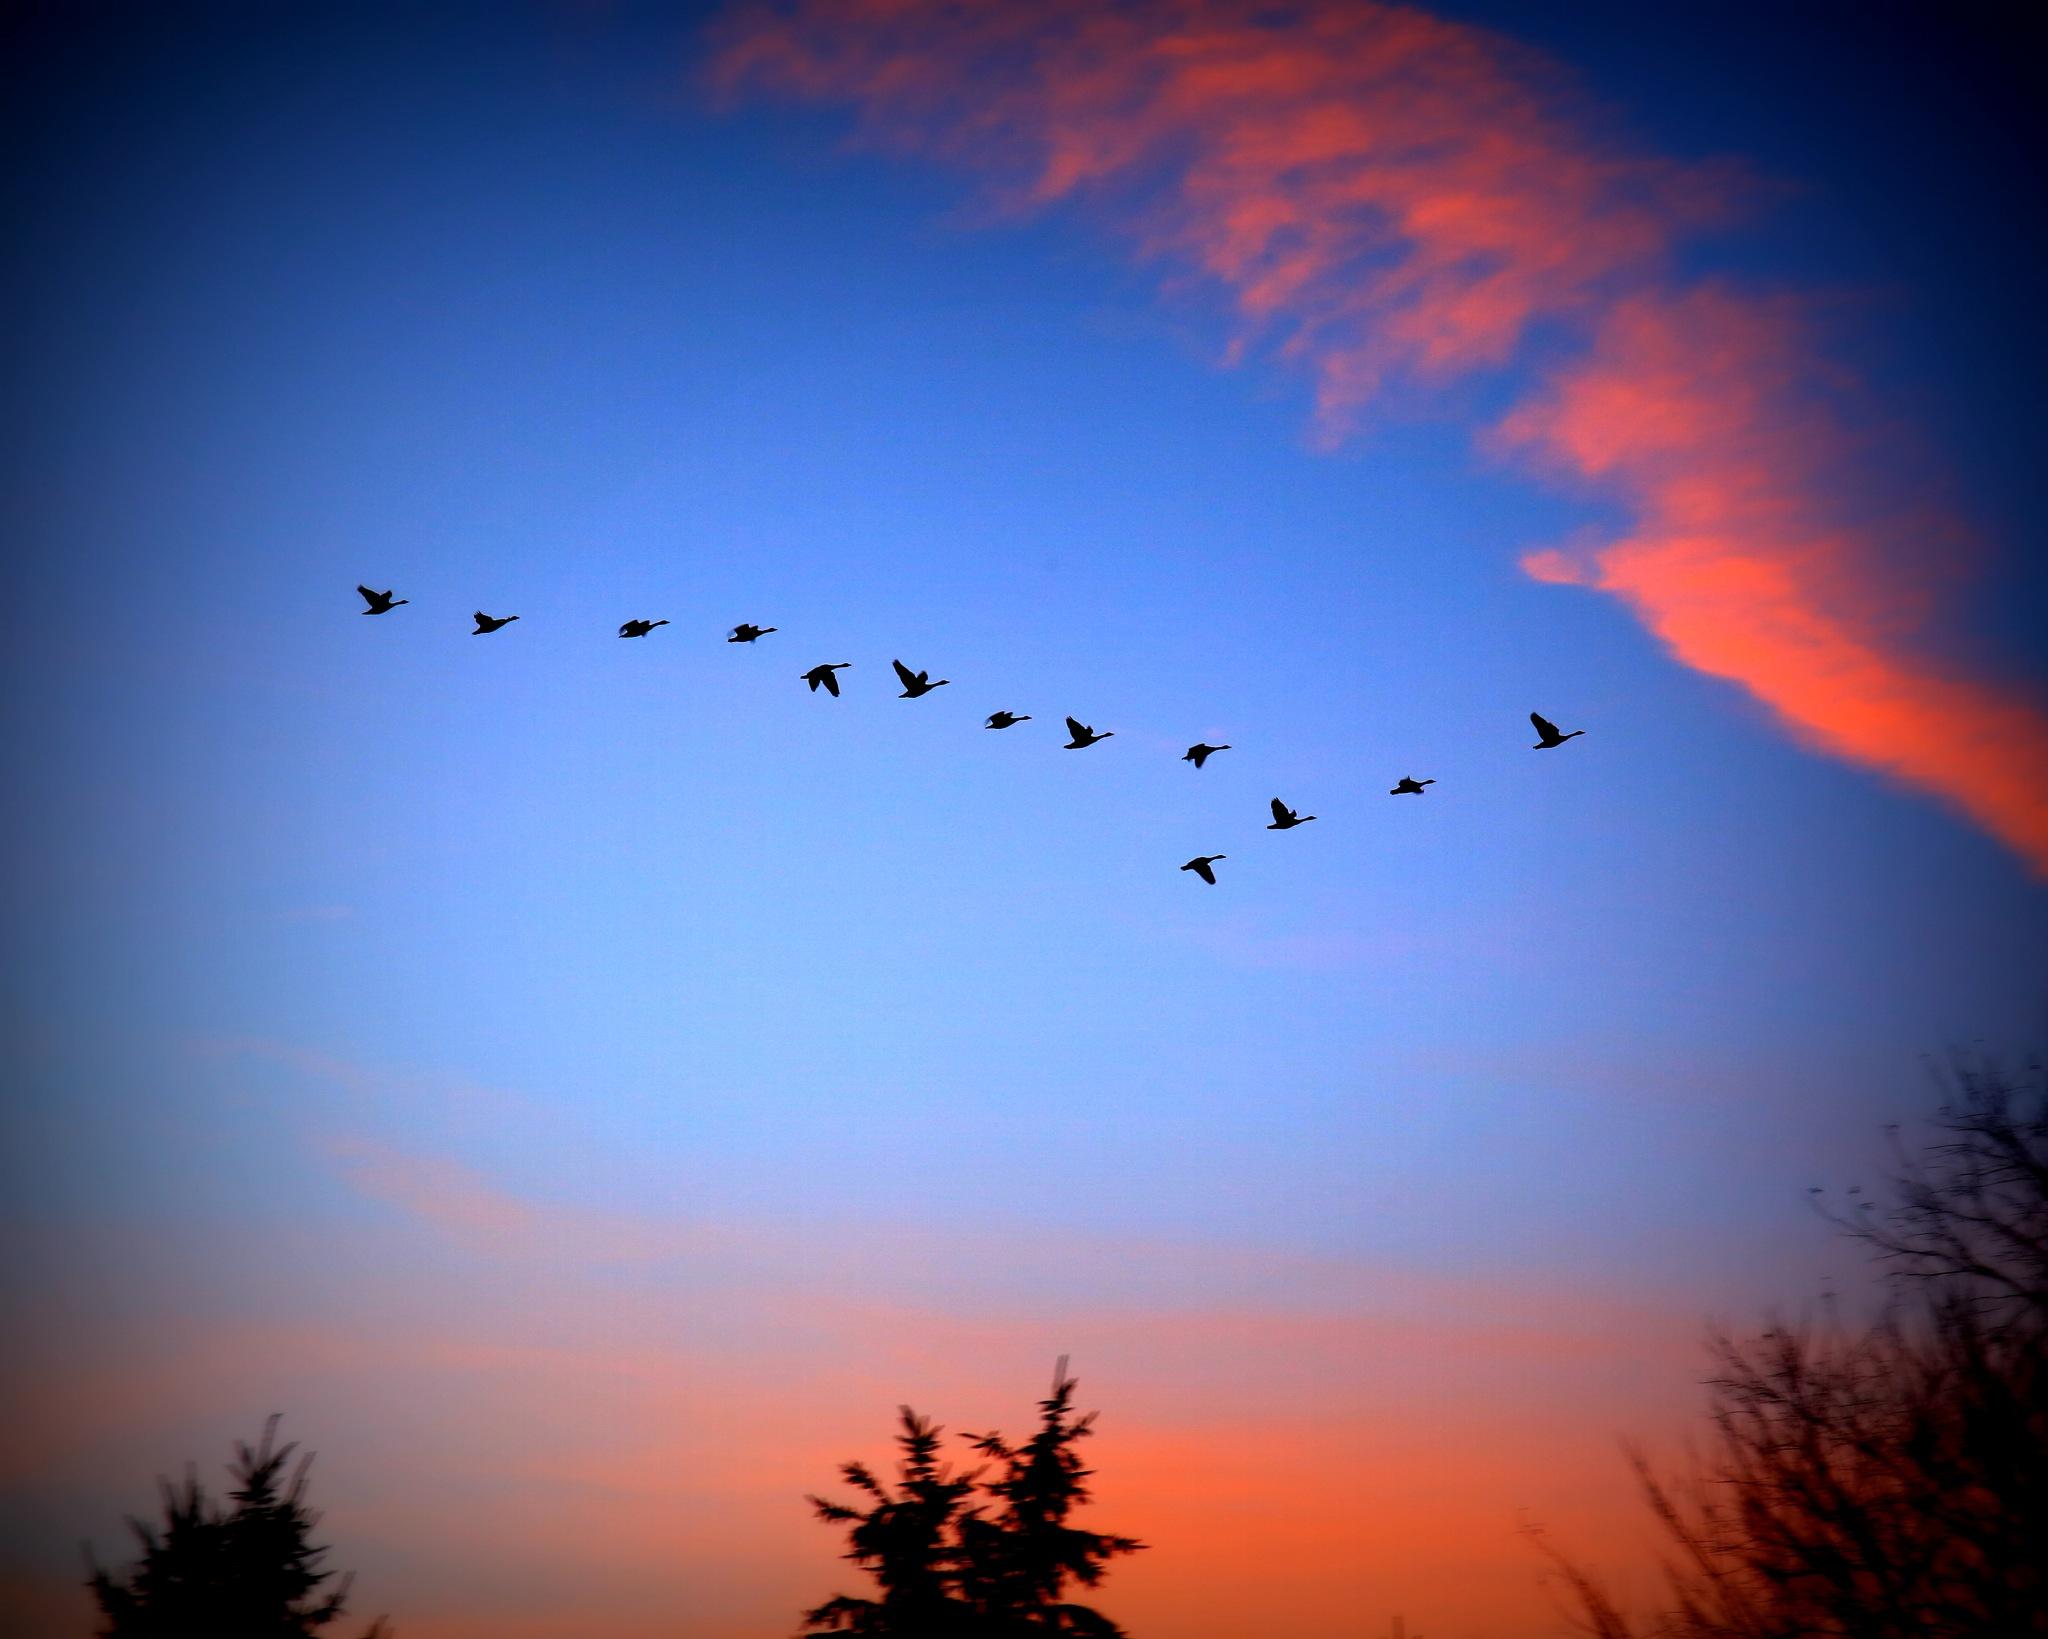 Dusk Flight by renman1